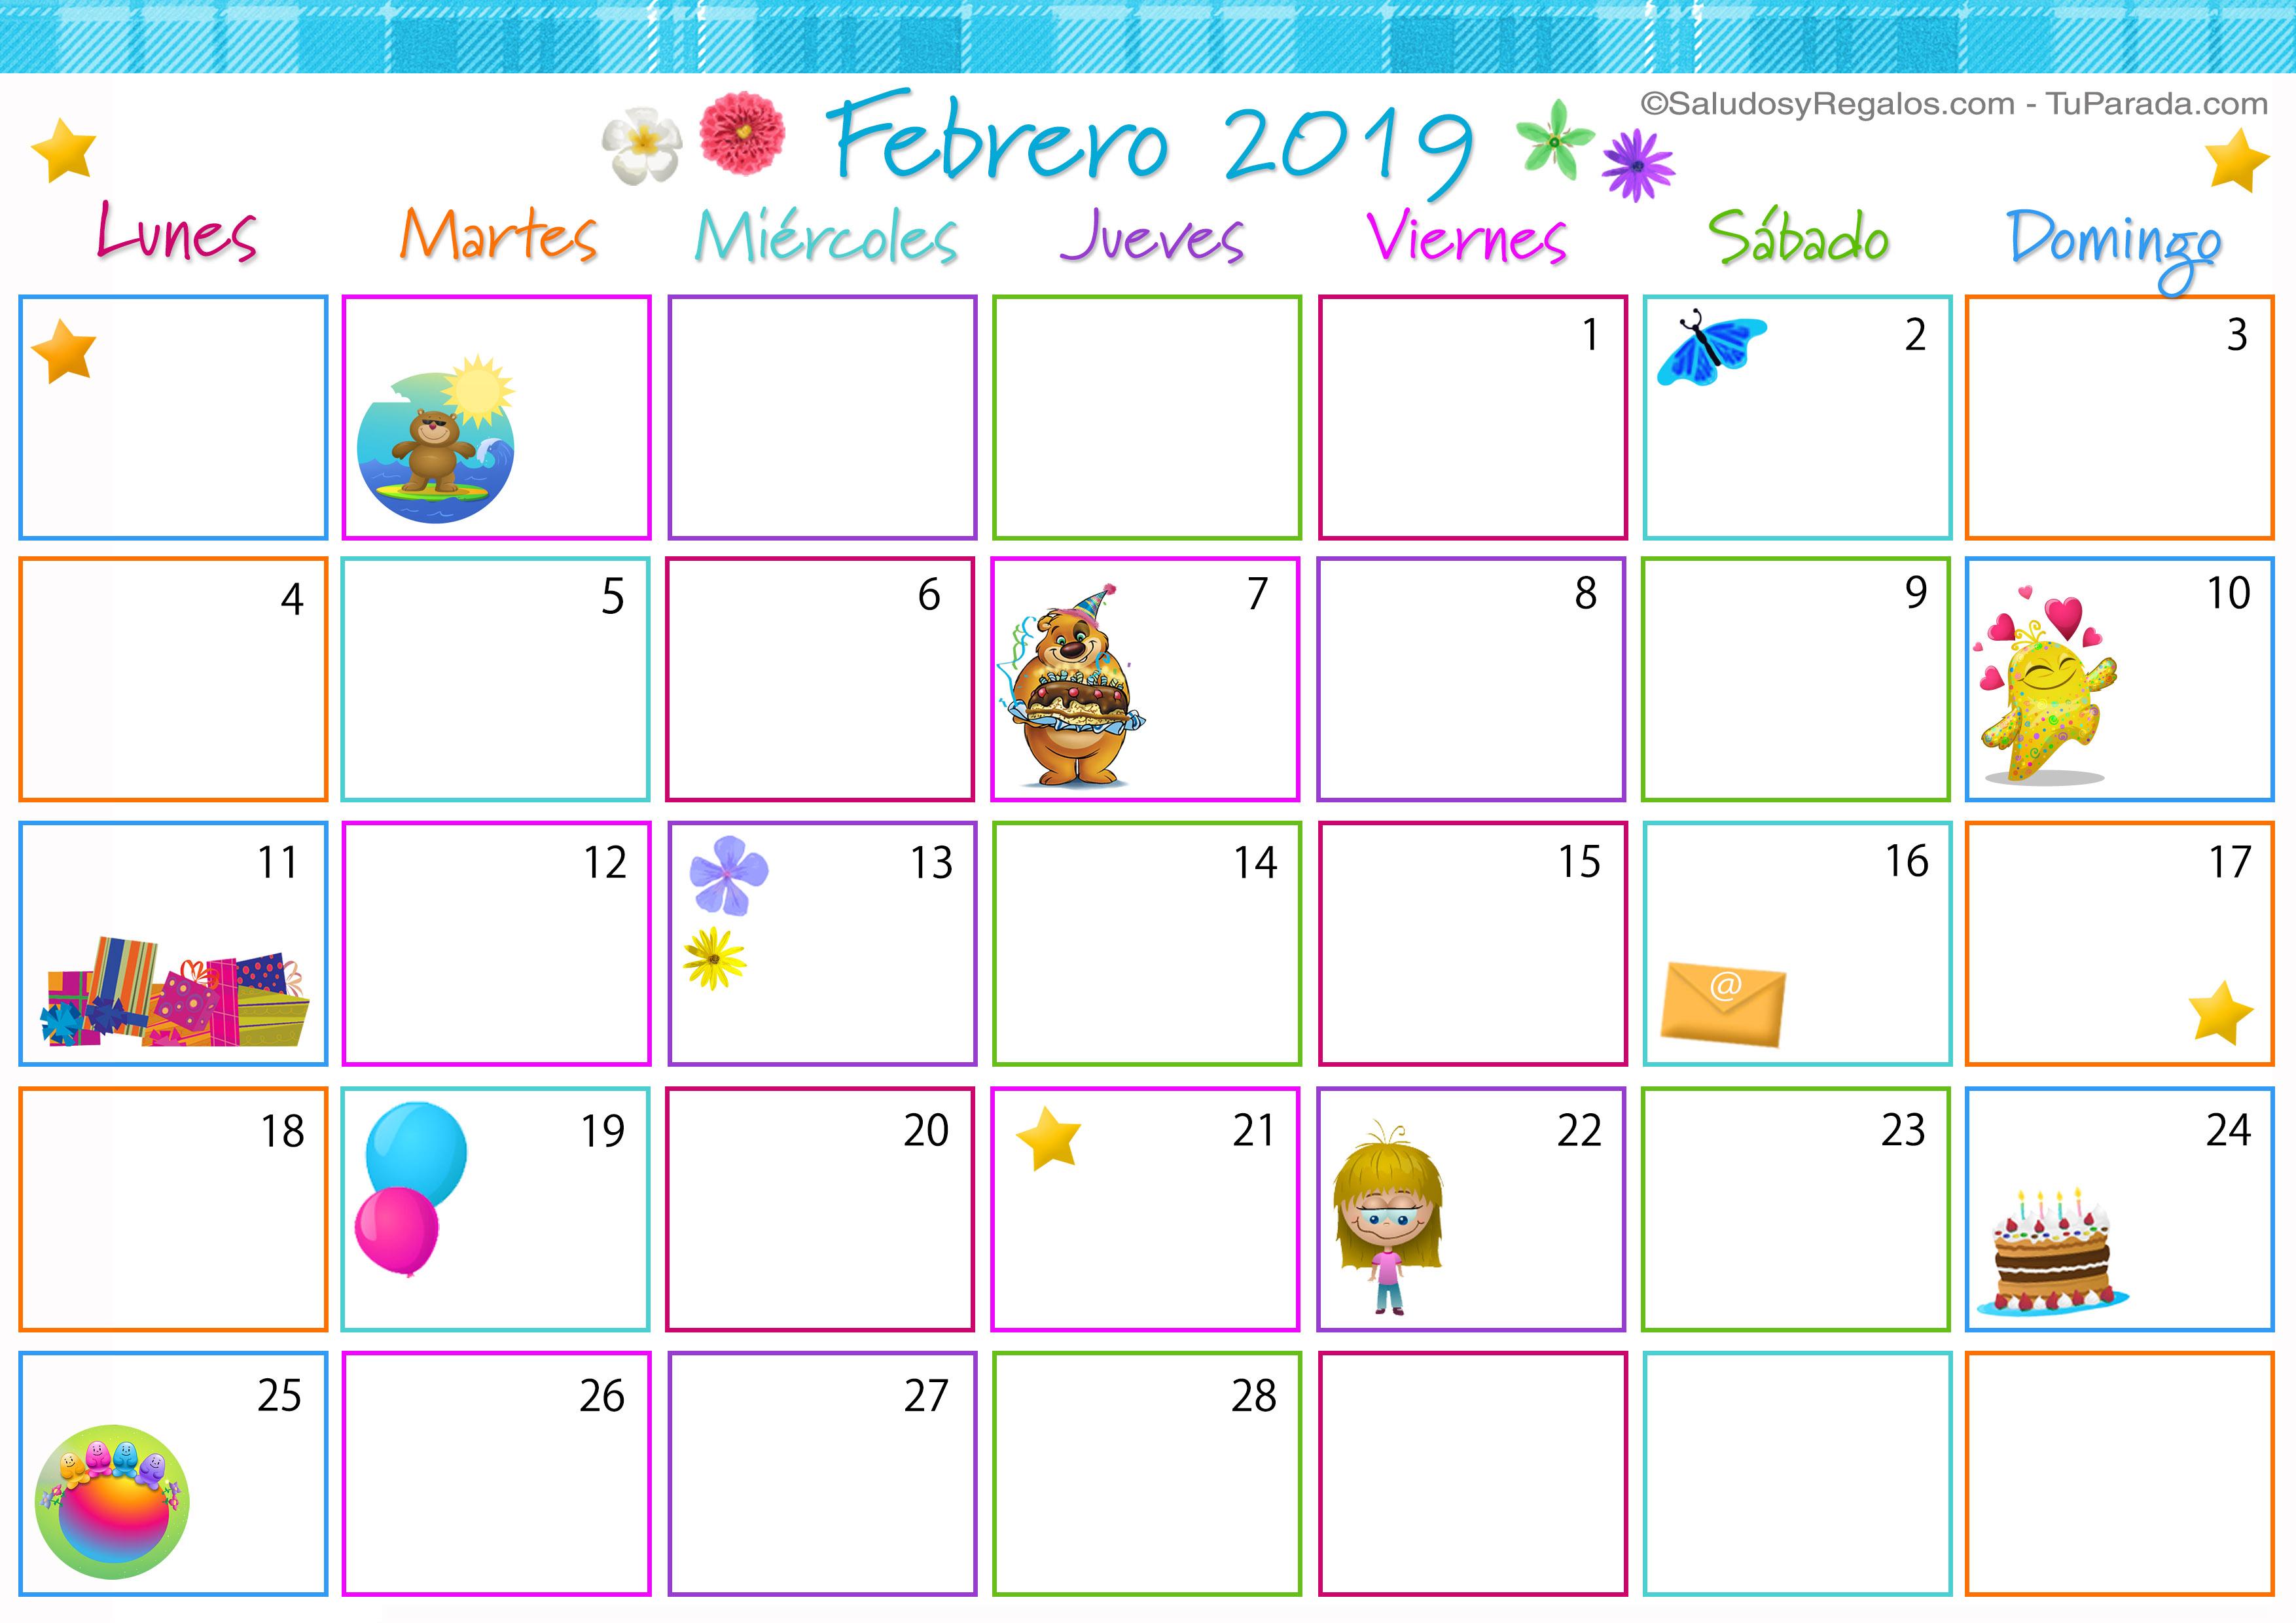 Febrero 2019 Calendario.Calendario Multicolor Febrero 2019 Calendario Multicolor 2019